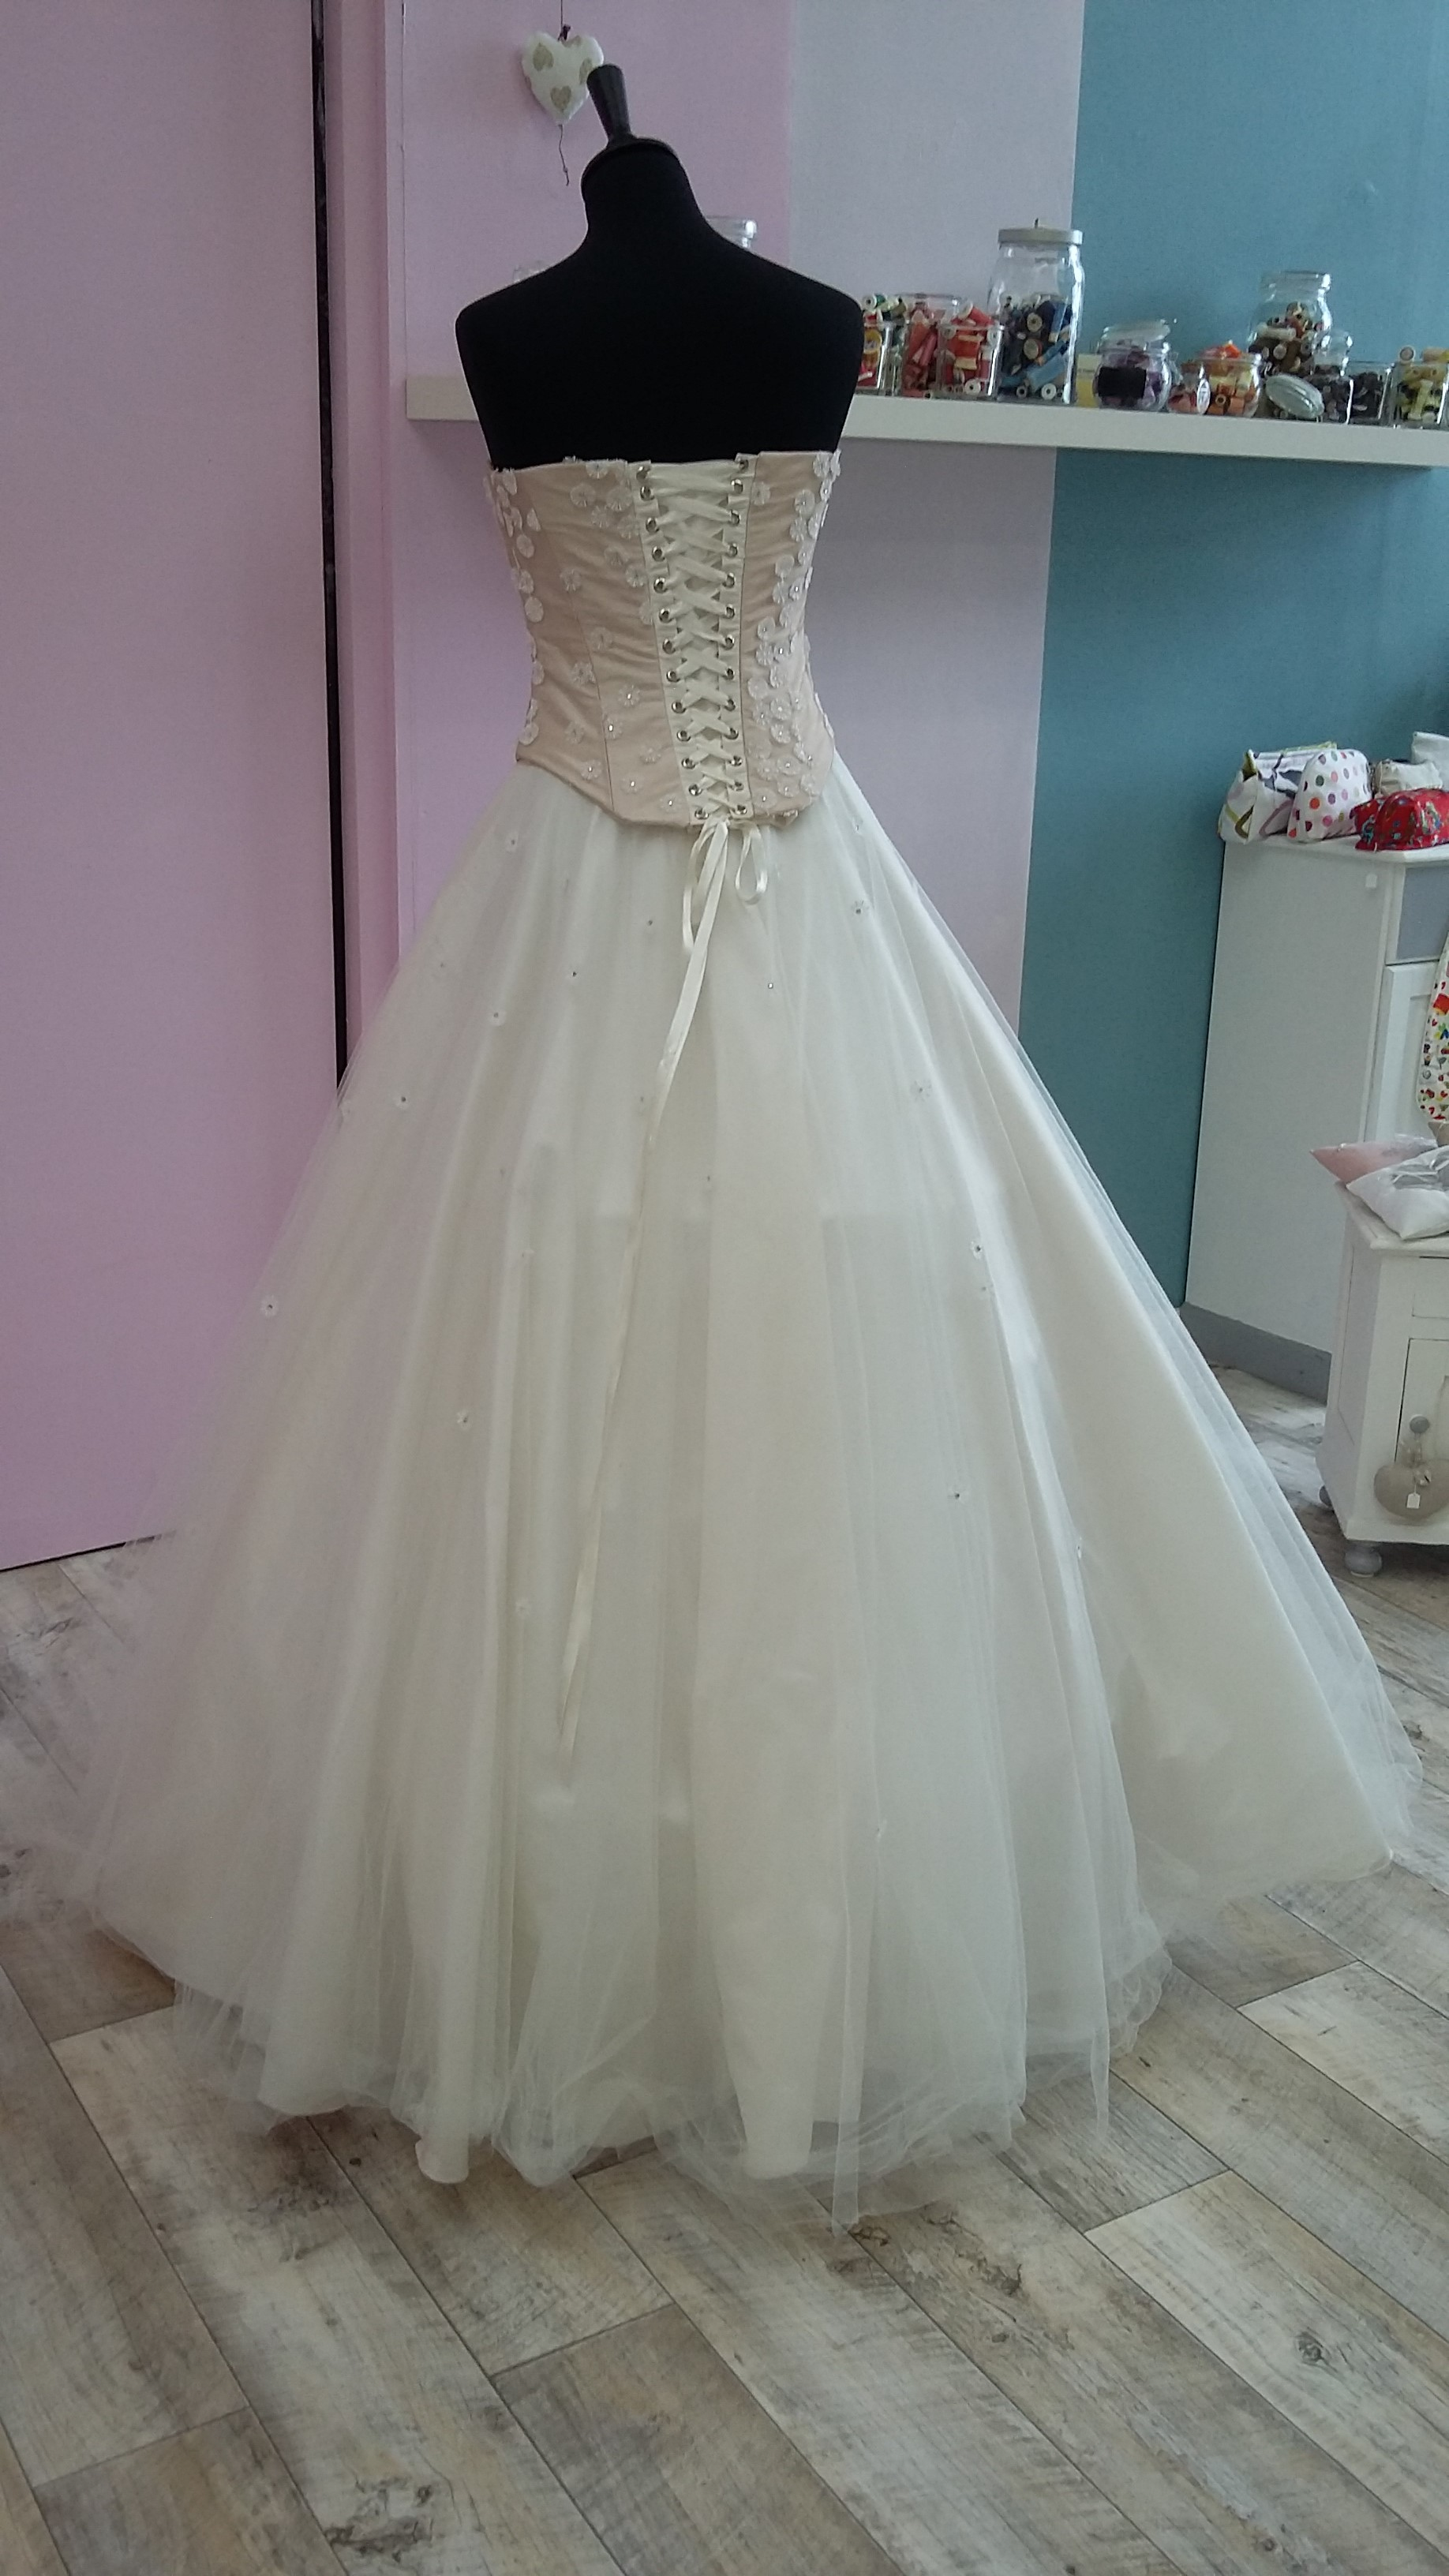 Robe de mariée à domicile - CATHERINE - Robe de mariage princesse - boutique de mariage cholet, chemillé, nantes, bressuire - robe de mariée rose - Ma robe Eséam